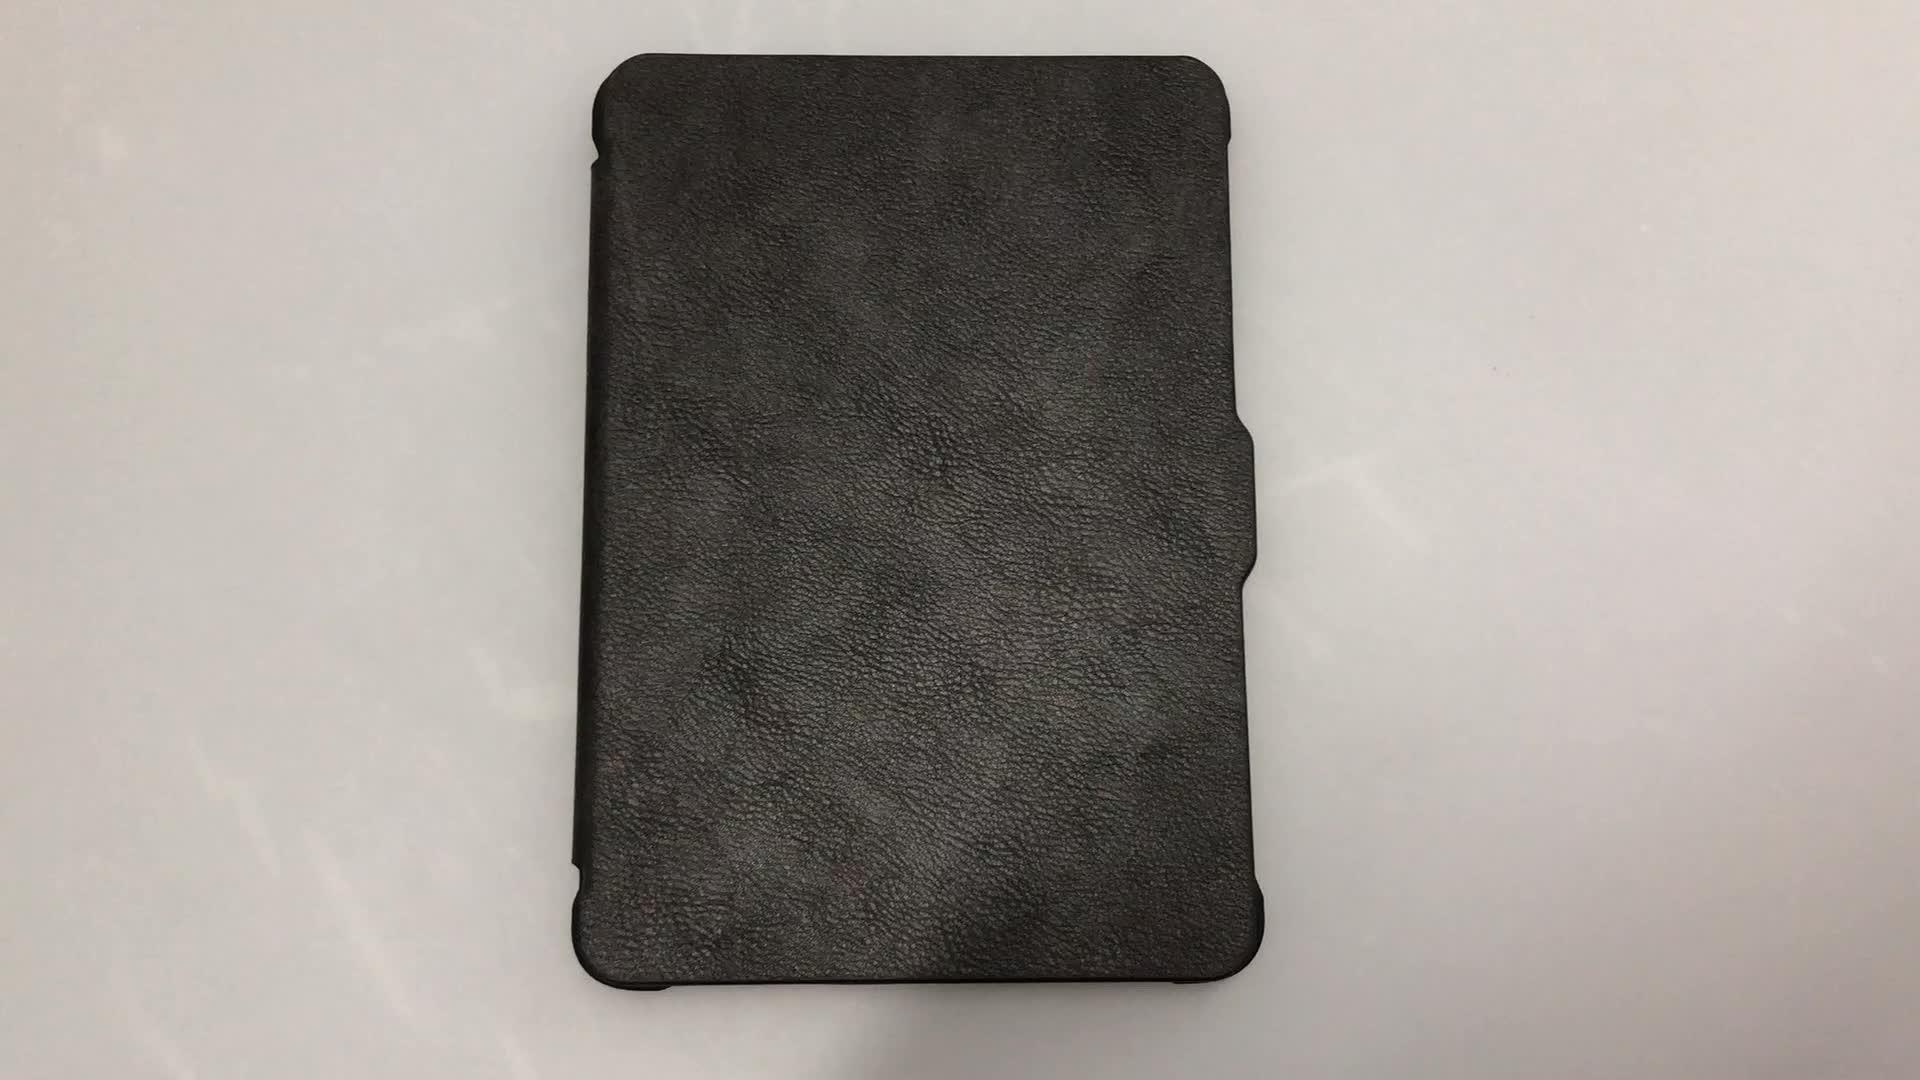 Universal-Smart-Hülle aus reinem und kontrastfarbenem PU-Leder für Kindle Paperwhite 1 2 3